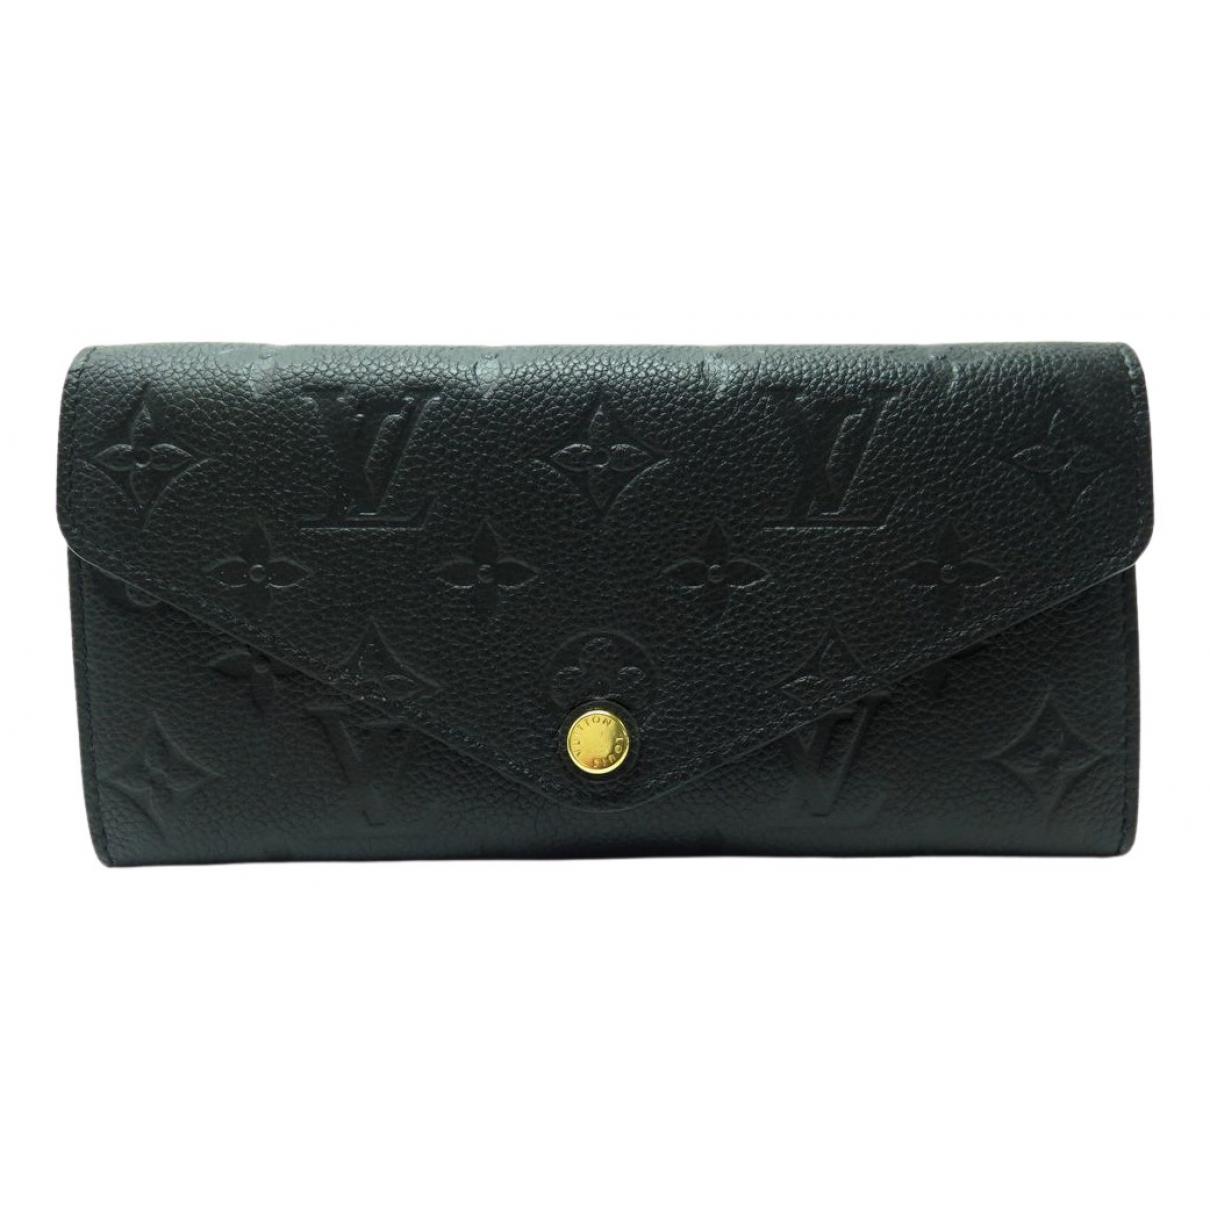 Louis Vuitton Joséphine Black Leather wallet for Women \N